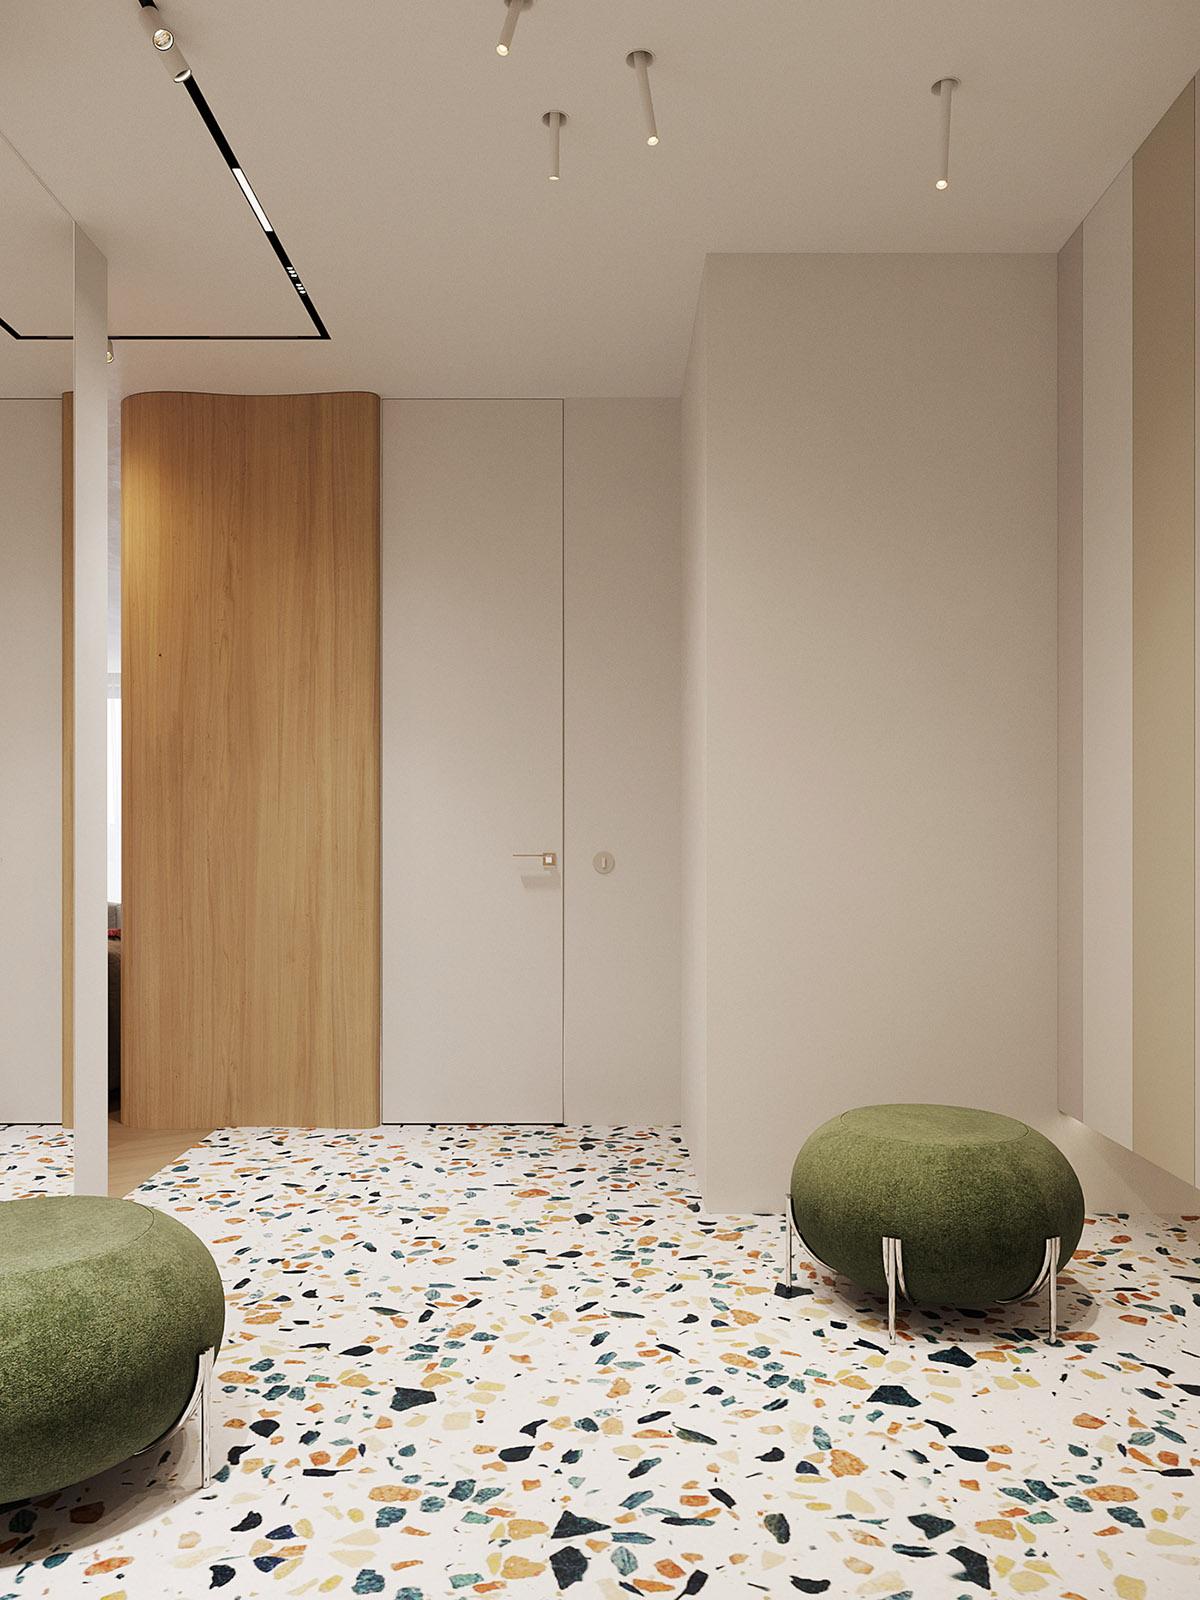 Ретро-современный интерьер с волнистой стеной: Фотообзор